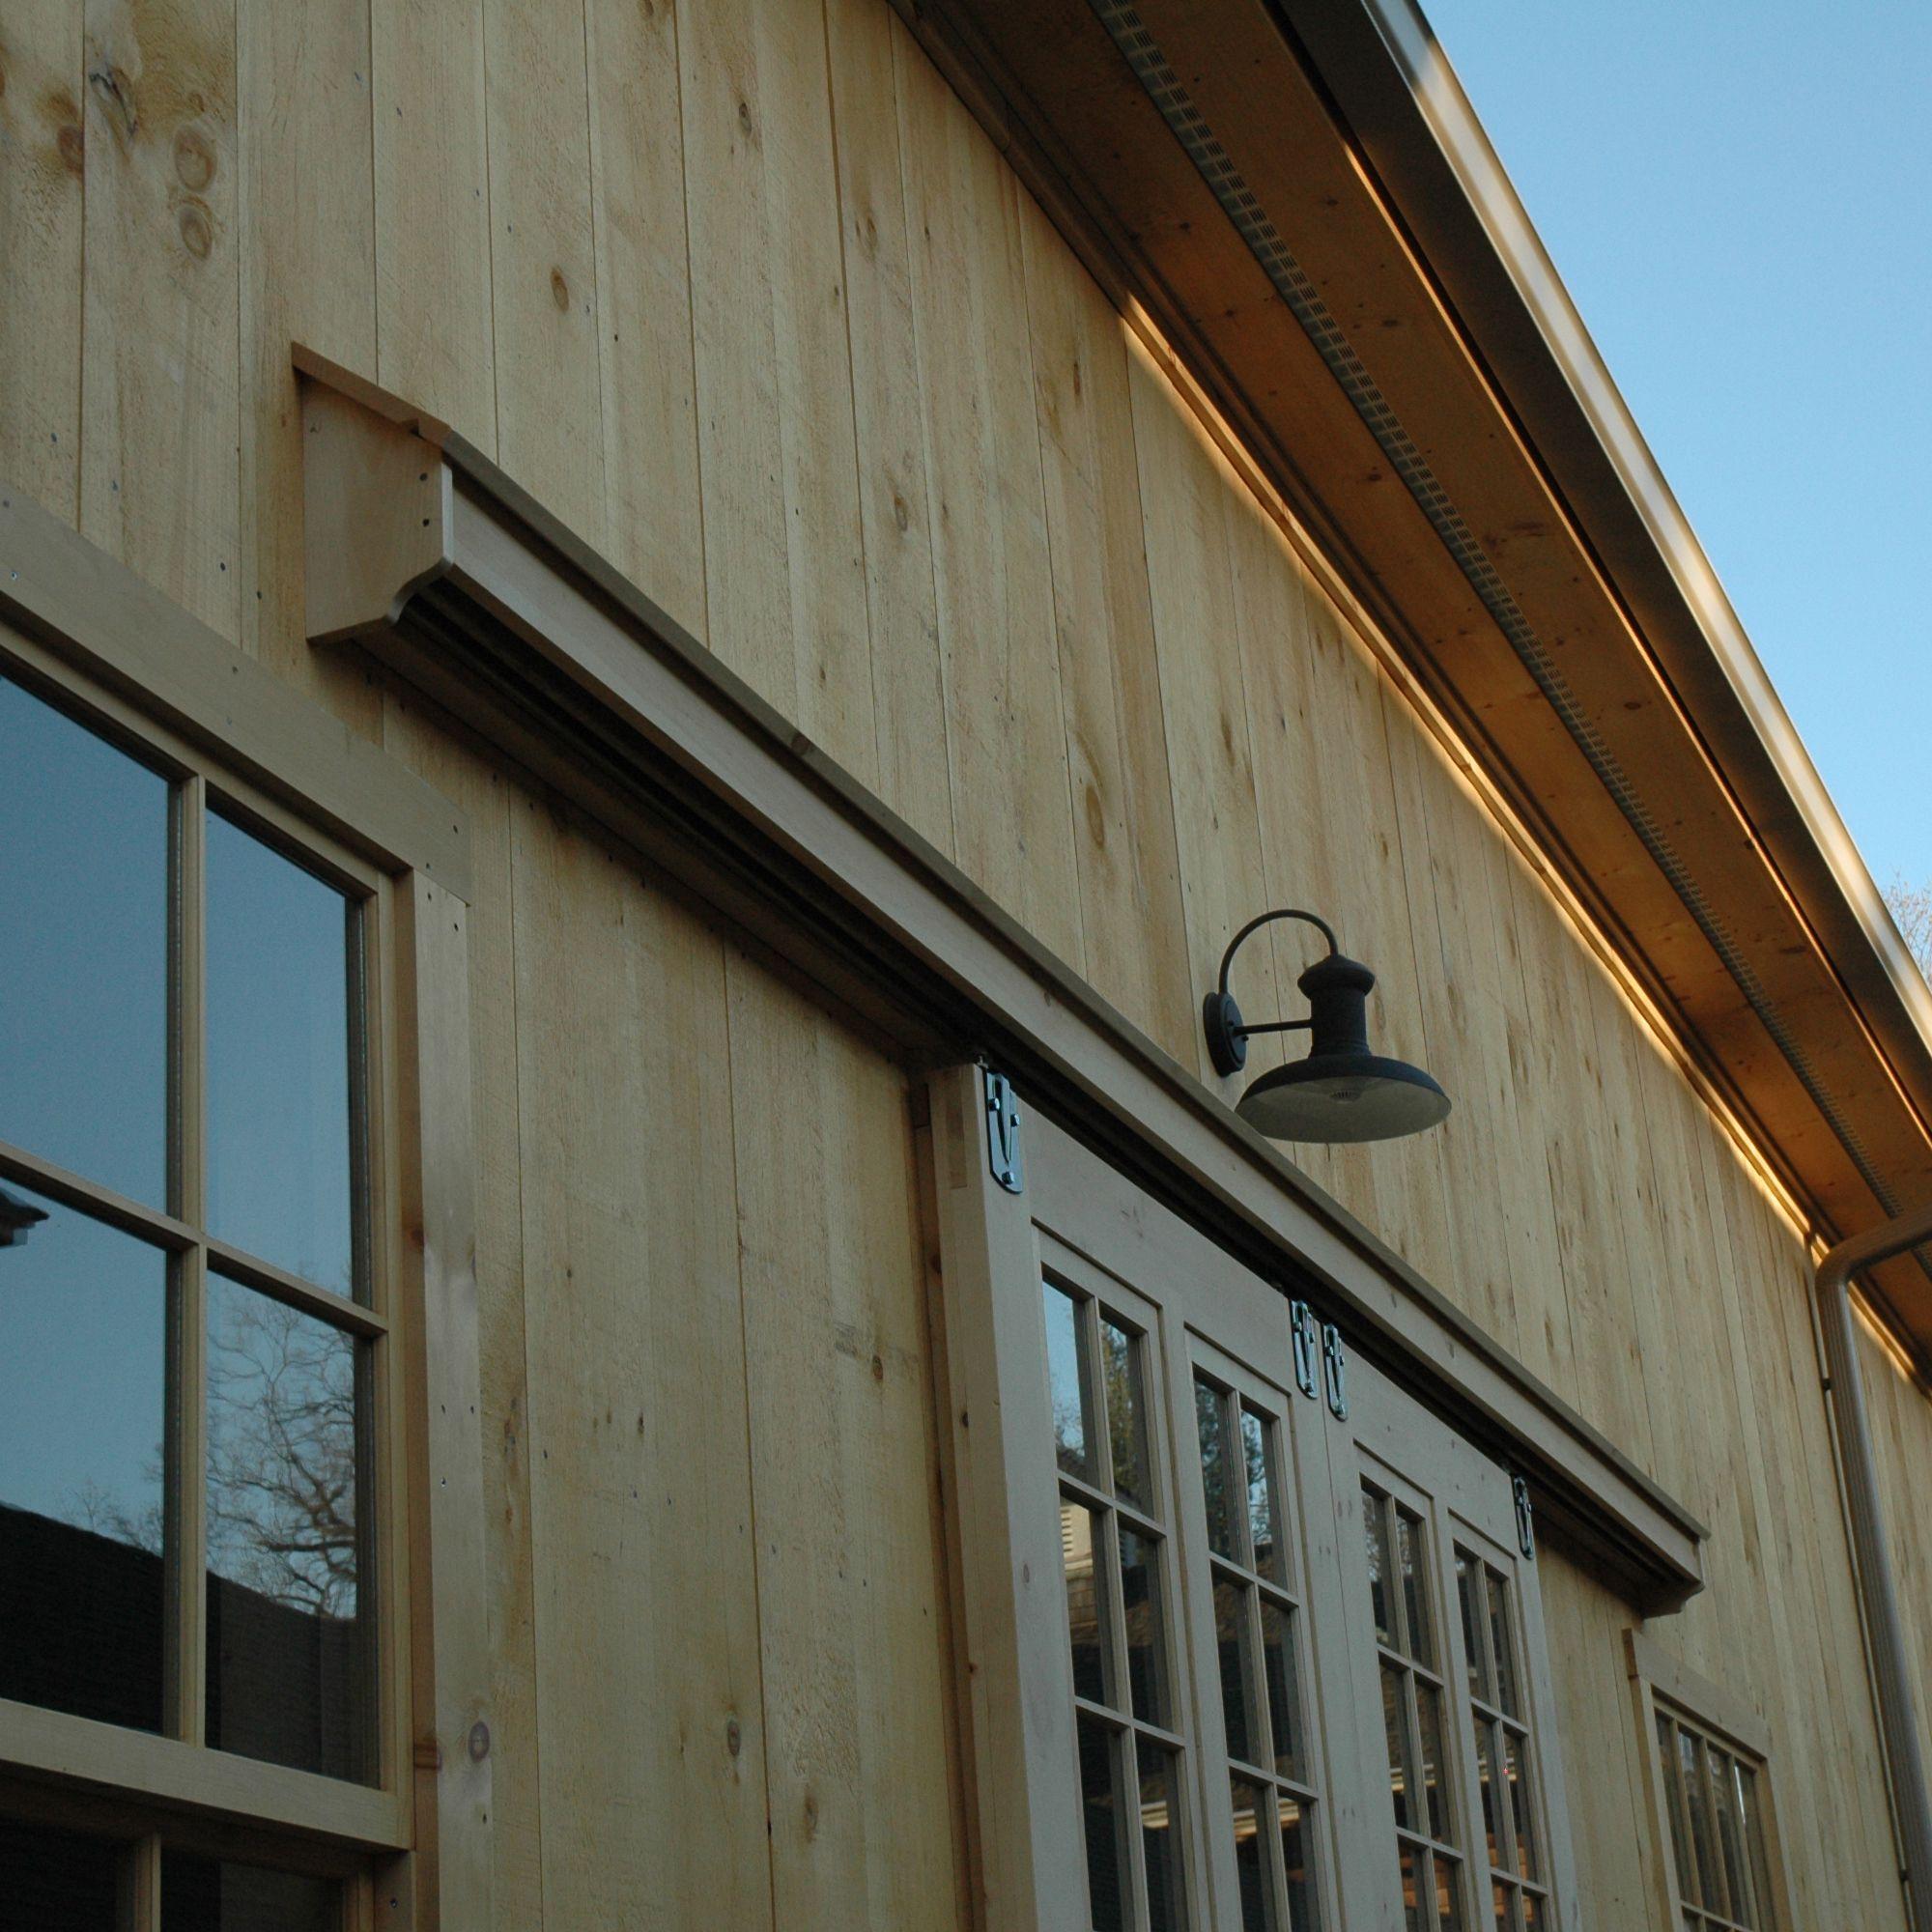 Barn Hardware Sliding Door Hardware Track Hood Barn Depot Exterior Barn Doors Exterior Sliding Barn Doors Barn Doors Sliding Outdoor sliding barn door hardware